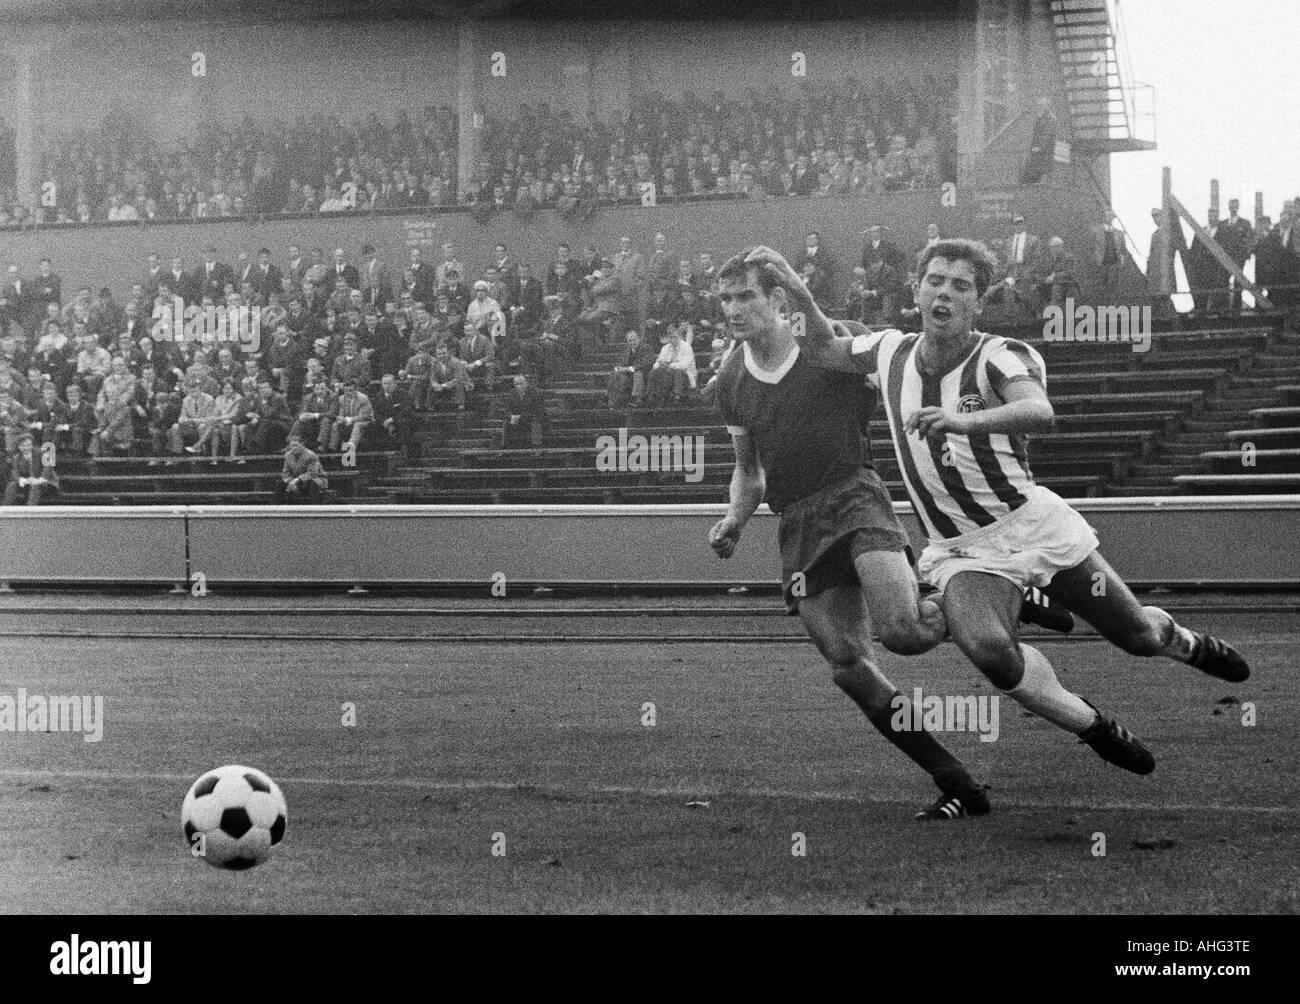 football, Regionalliga West, 1967/1968, Niederrhein Stadium in Oberhausen, Rot-Weiss Oberhausen versus Arminia Bielefeld 2:2, scene of the match, duel between Dieter Hentschel (RWO, left) and Dietmar Erler (Bielefeld) - Stock Image